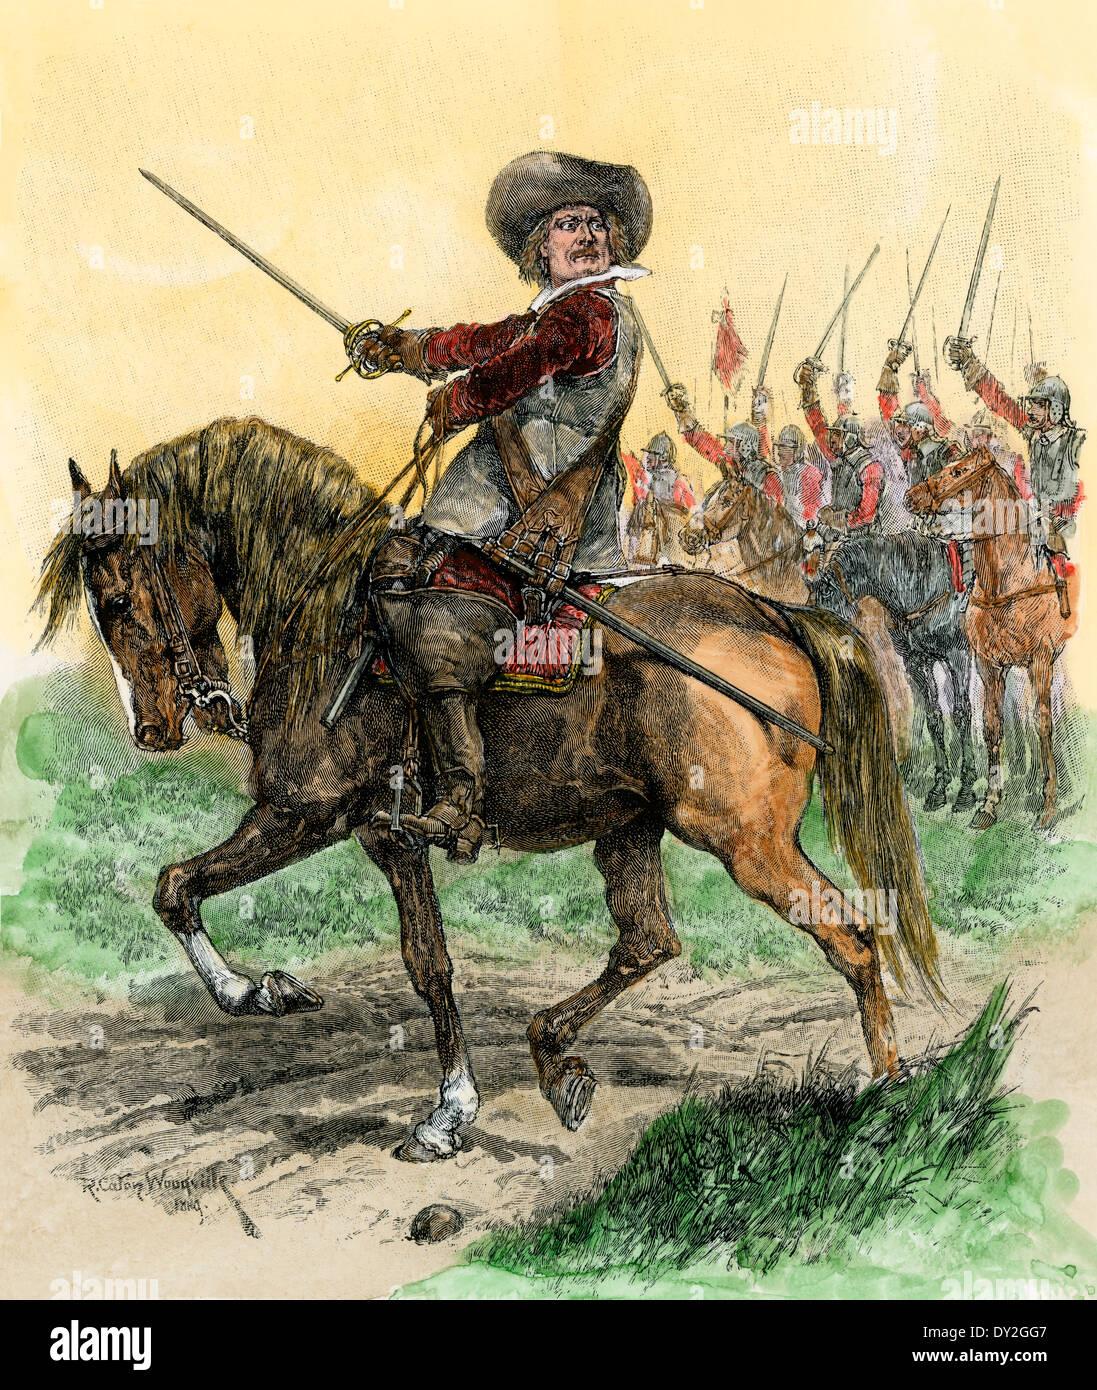 Cromwell führende Truppen an Schlacht von Marston Moor, englischer Bürgerkrieg, 1644. Stockbild